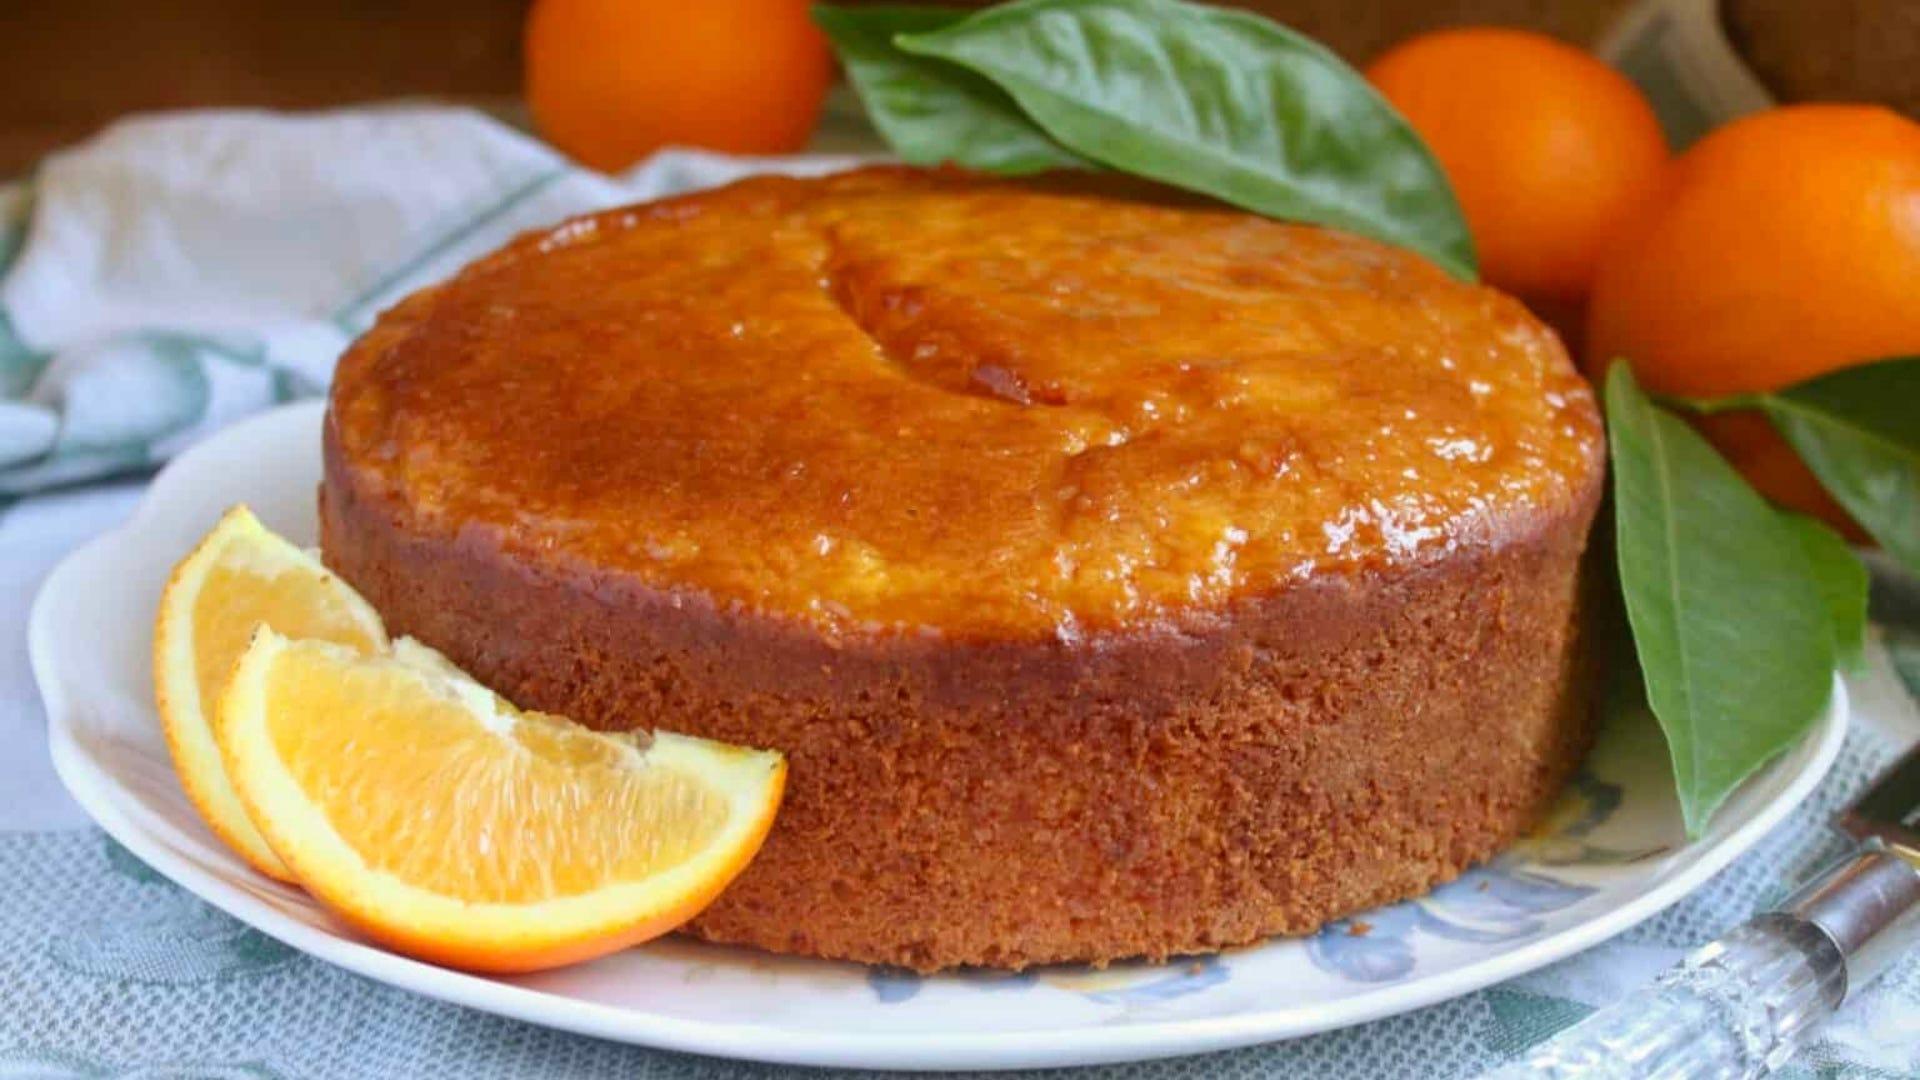 round cake with orange slices